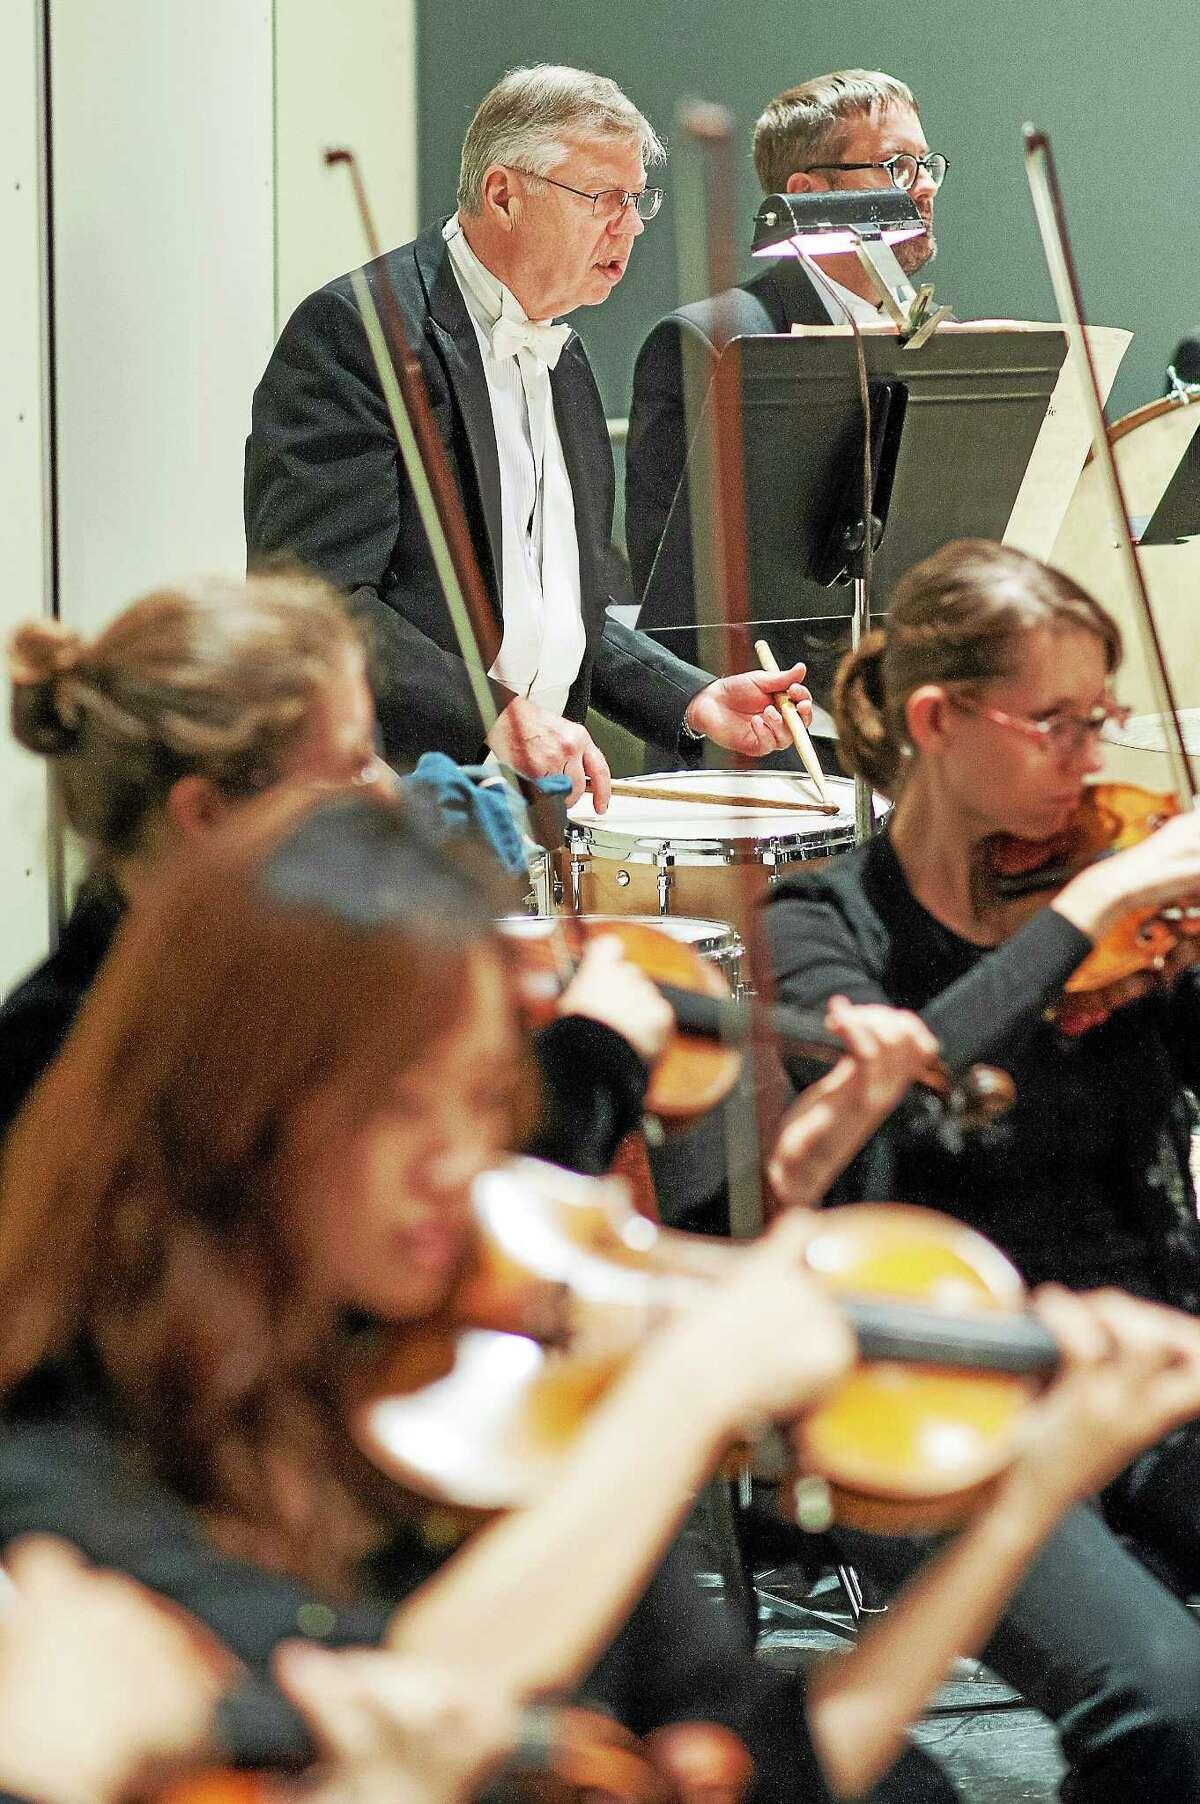 Percussionist David Smith